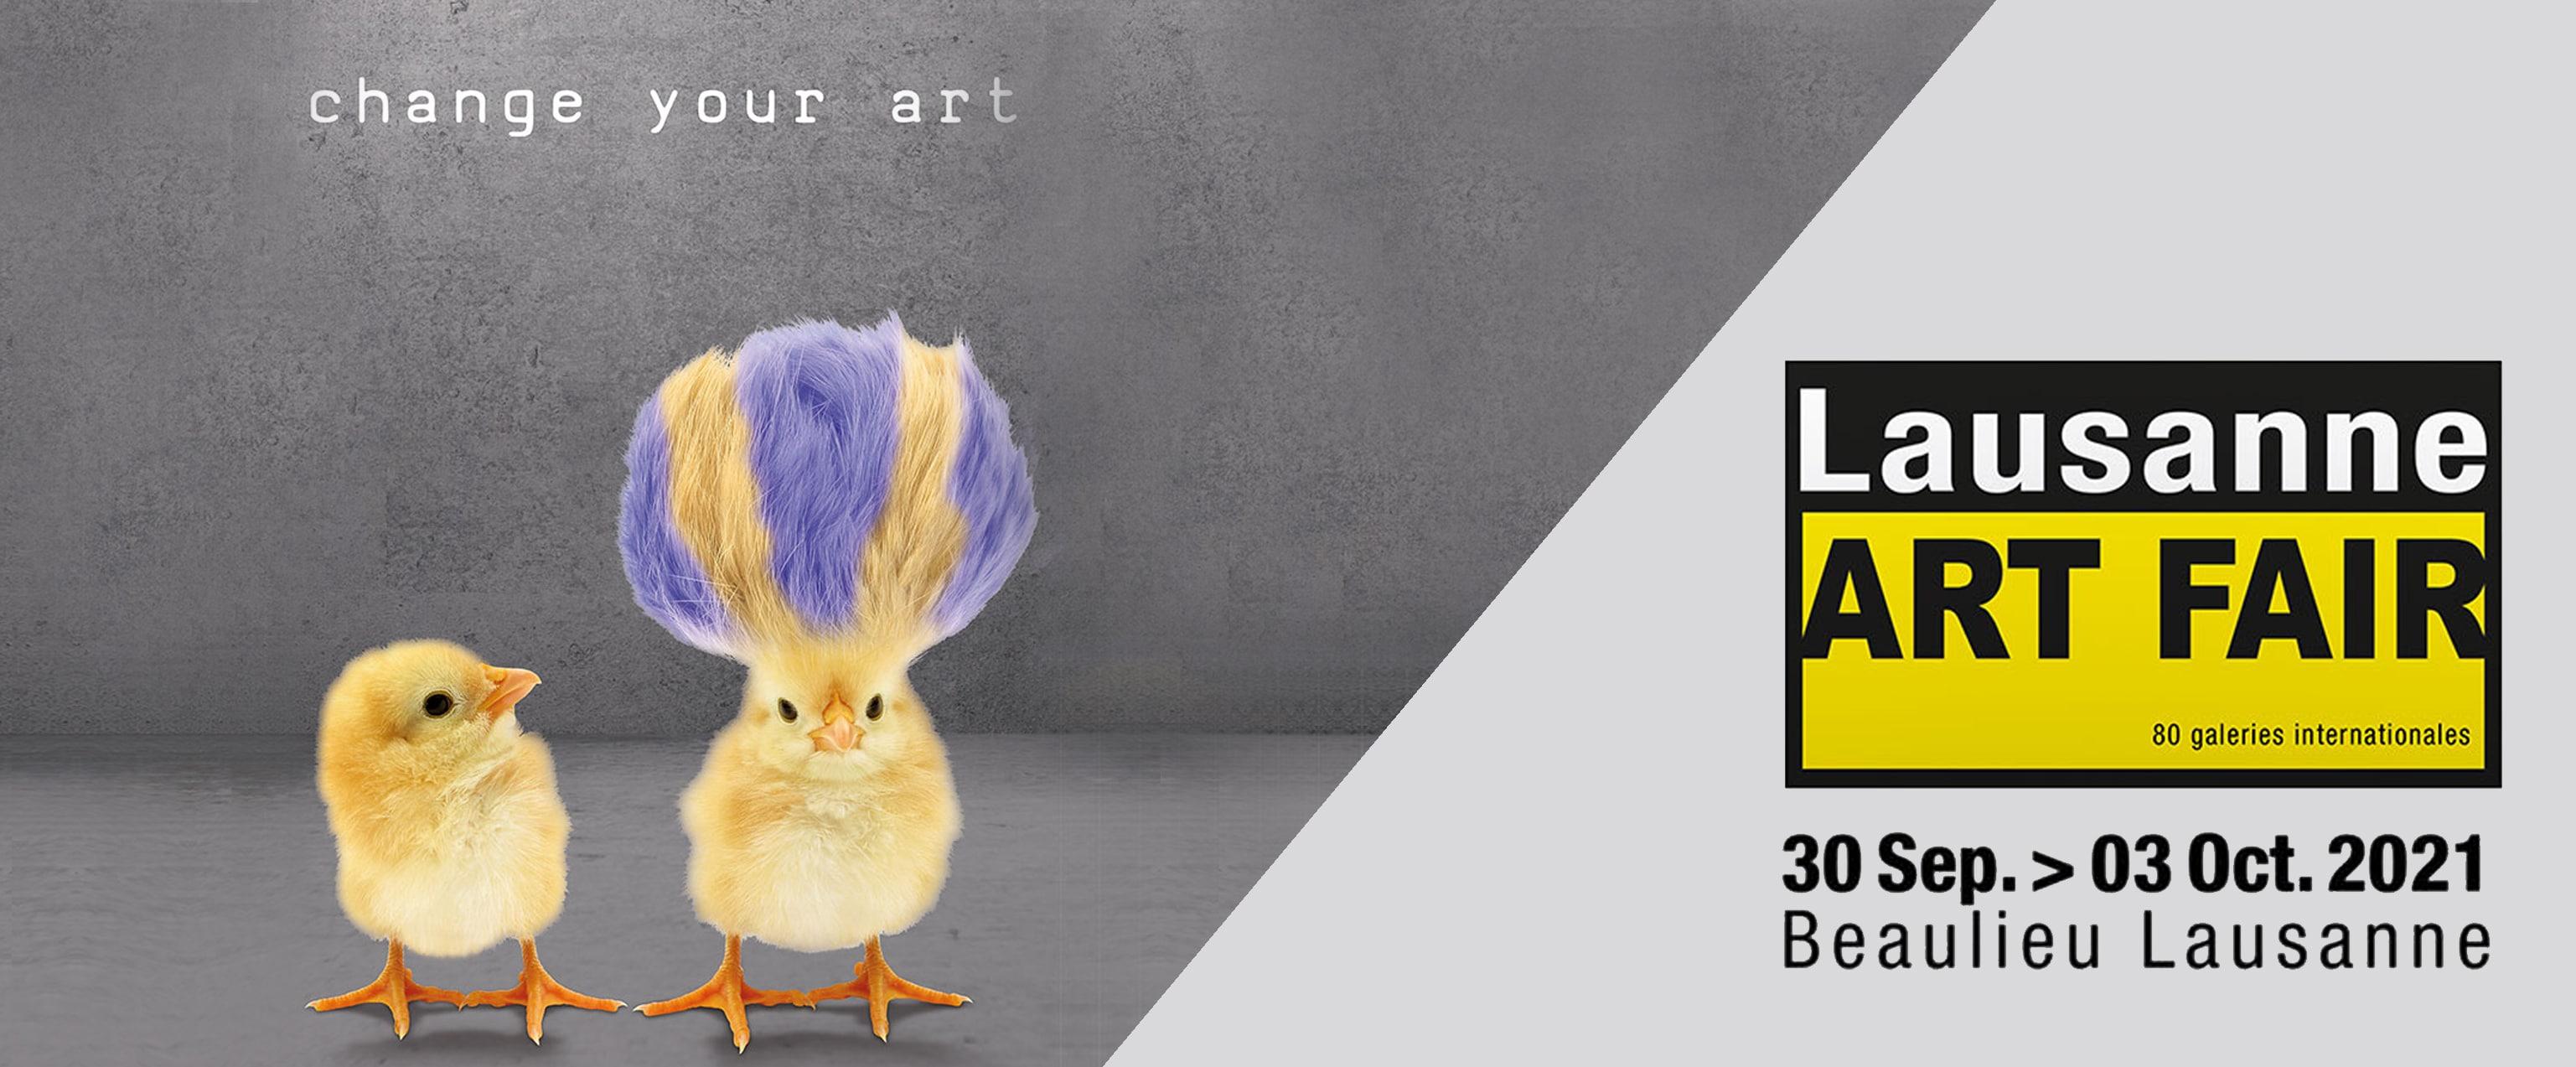 Lausanne Art Fair Galerie Don Carli Lyon 2021